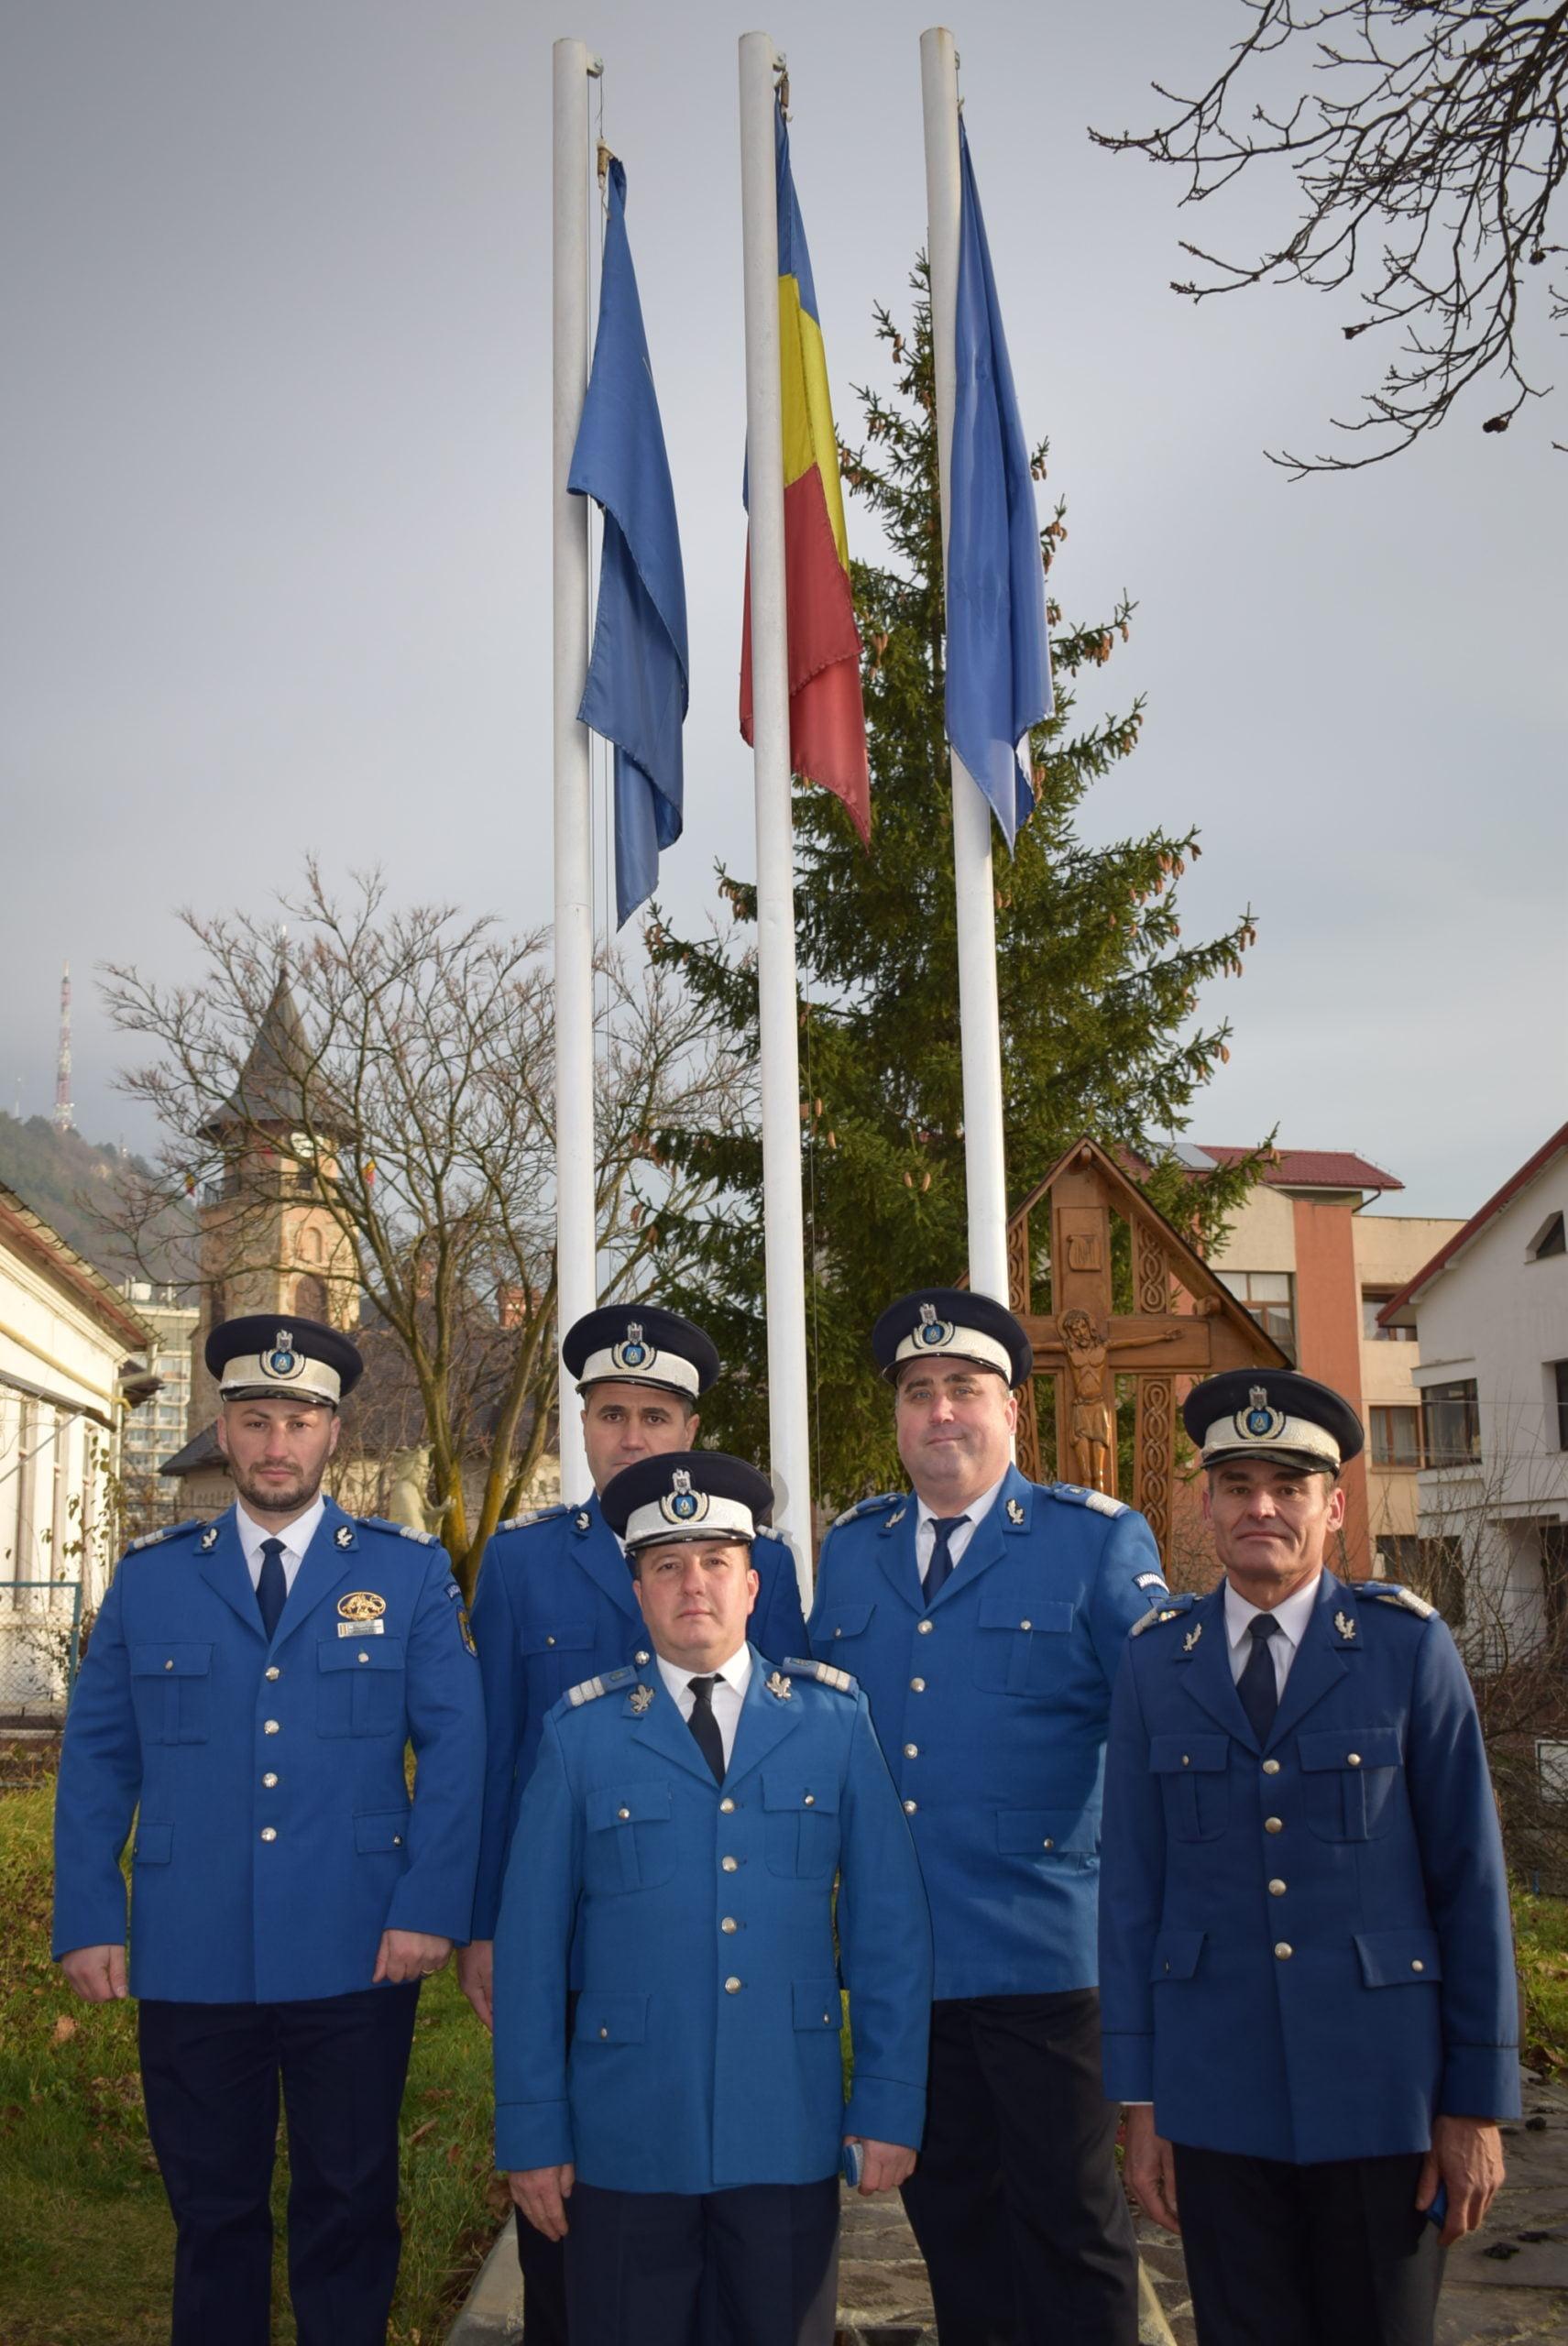 Cinci jandarmi au fost avansați în grad de Ziua Națională a României